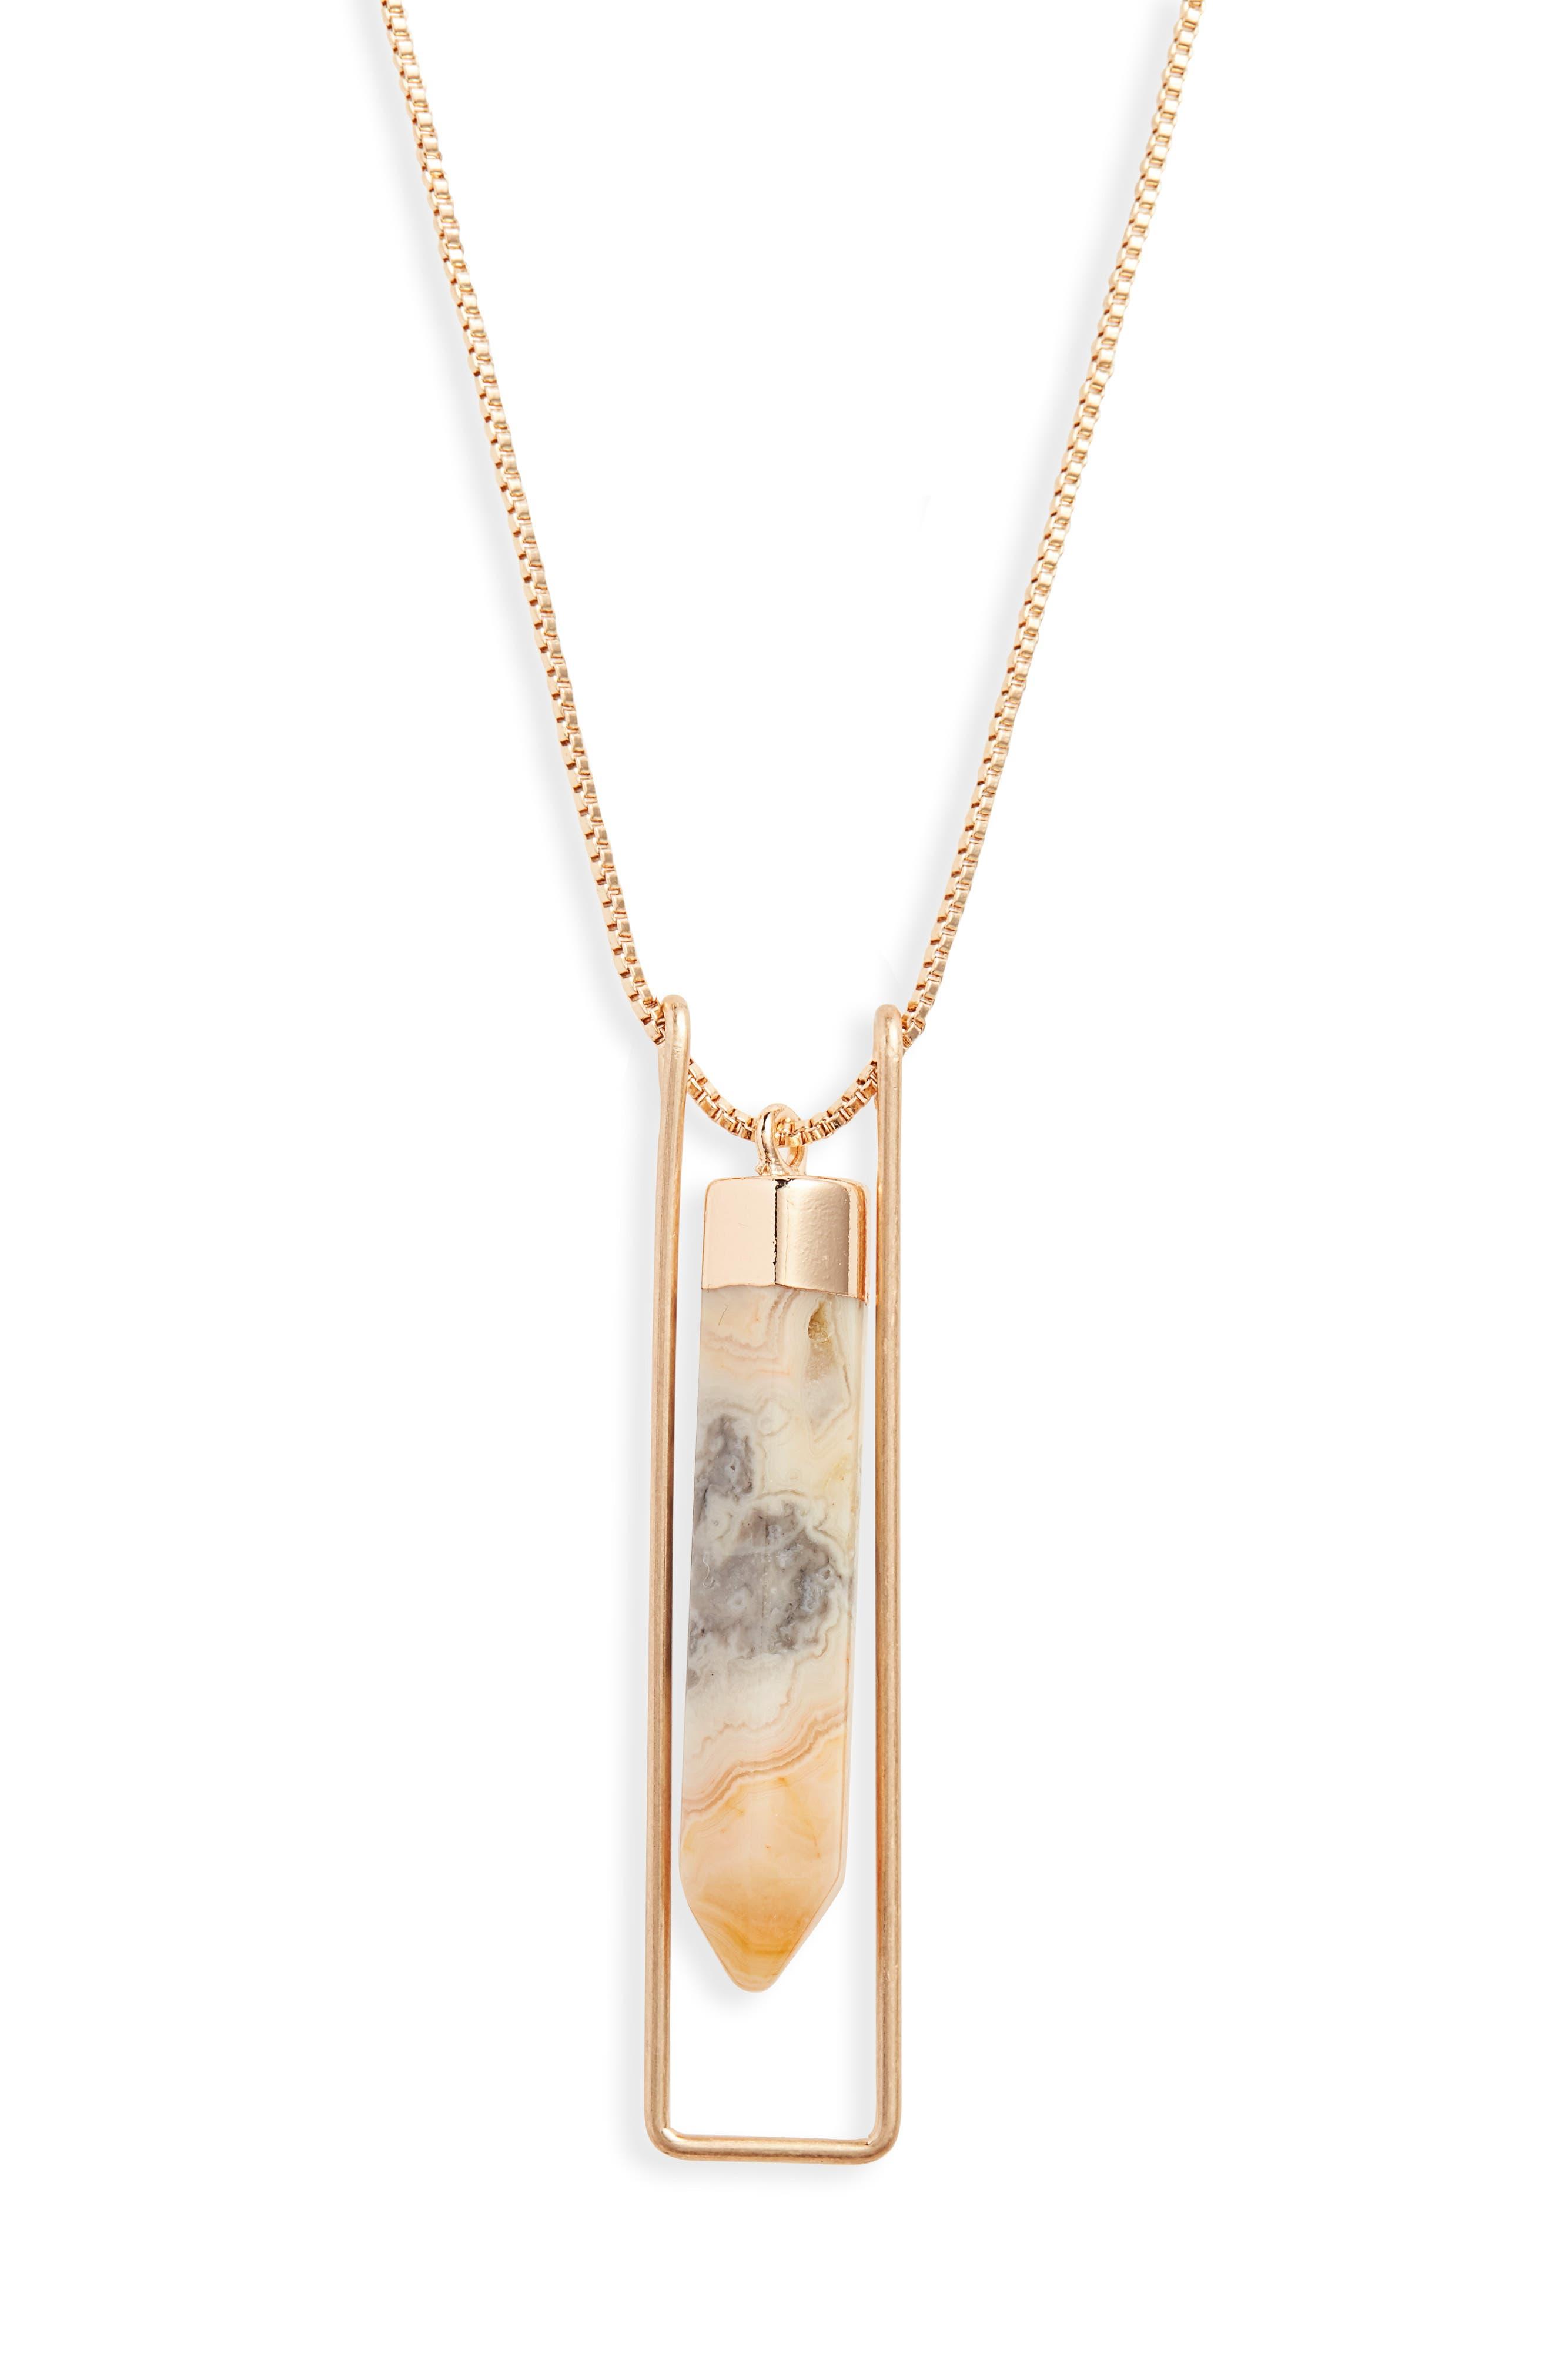 Caged Quartz Pendant Necklace,                             Alternate thumbnail 2, color,                             NATURAL- GOLD